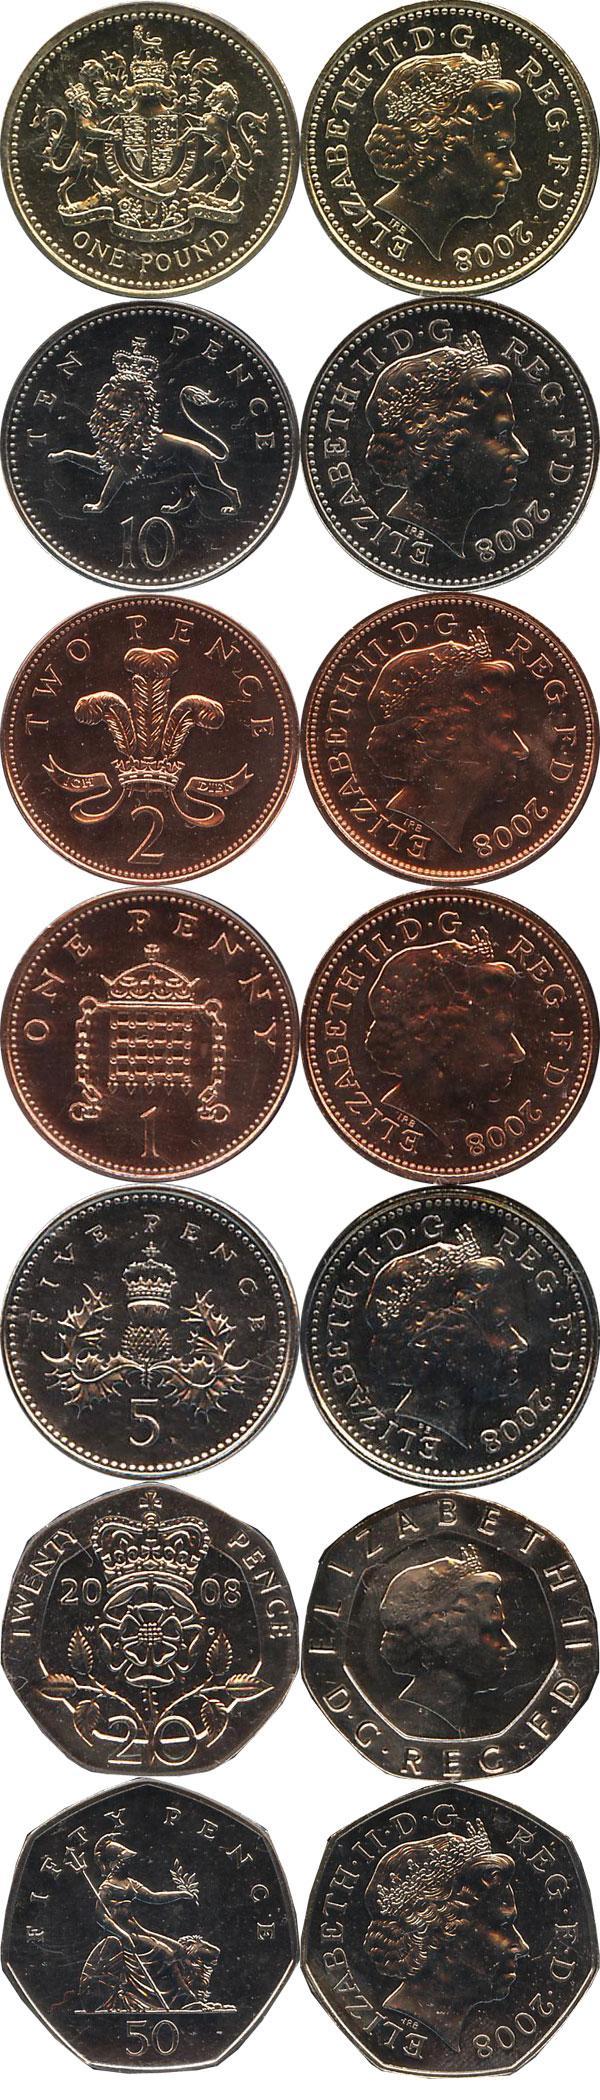 Каталог монет - Великобритания Новые гербы